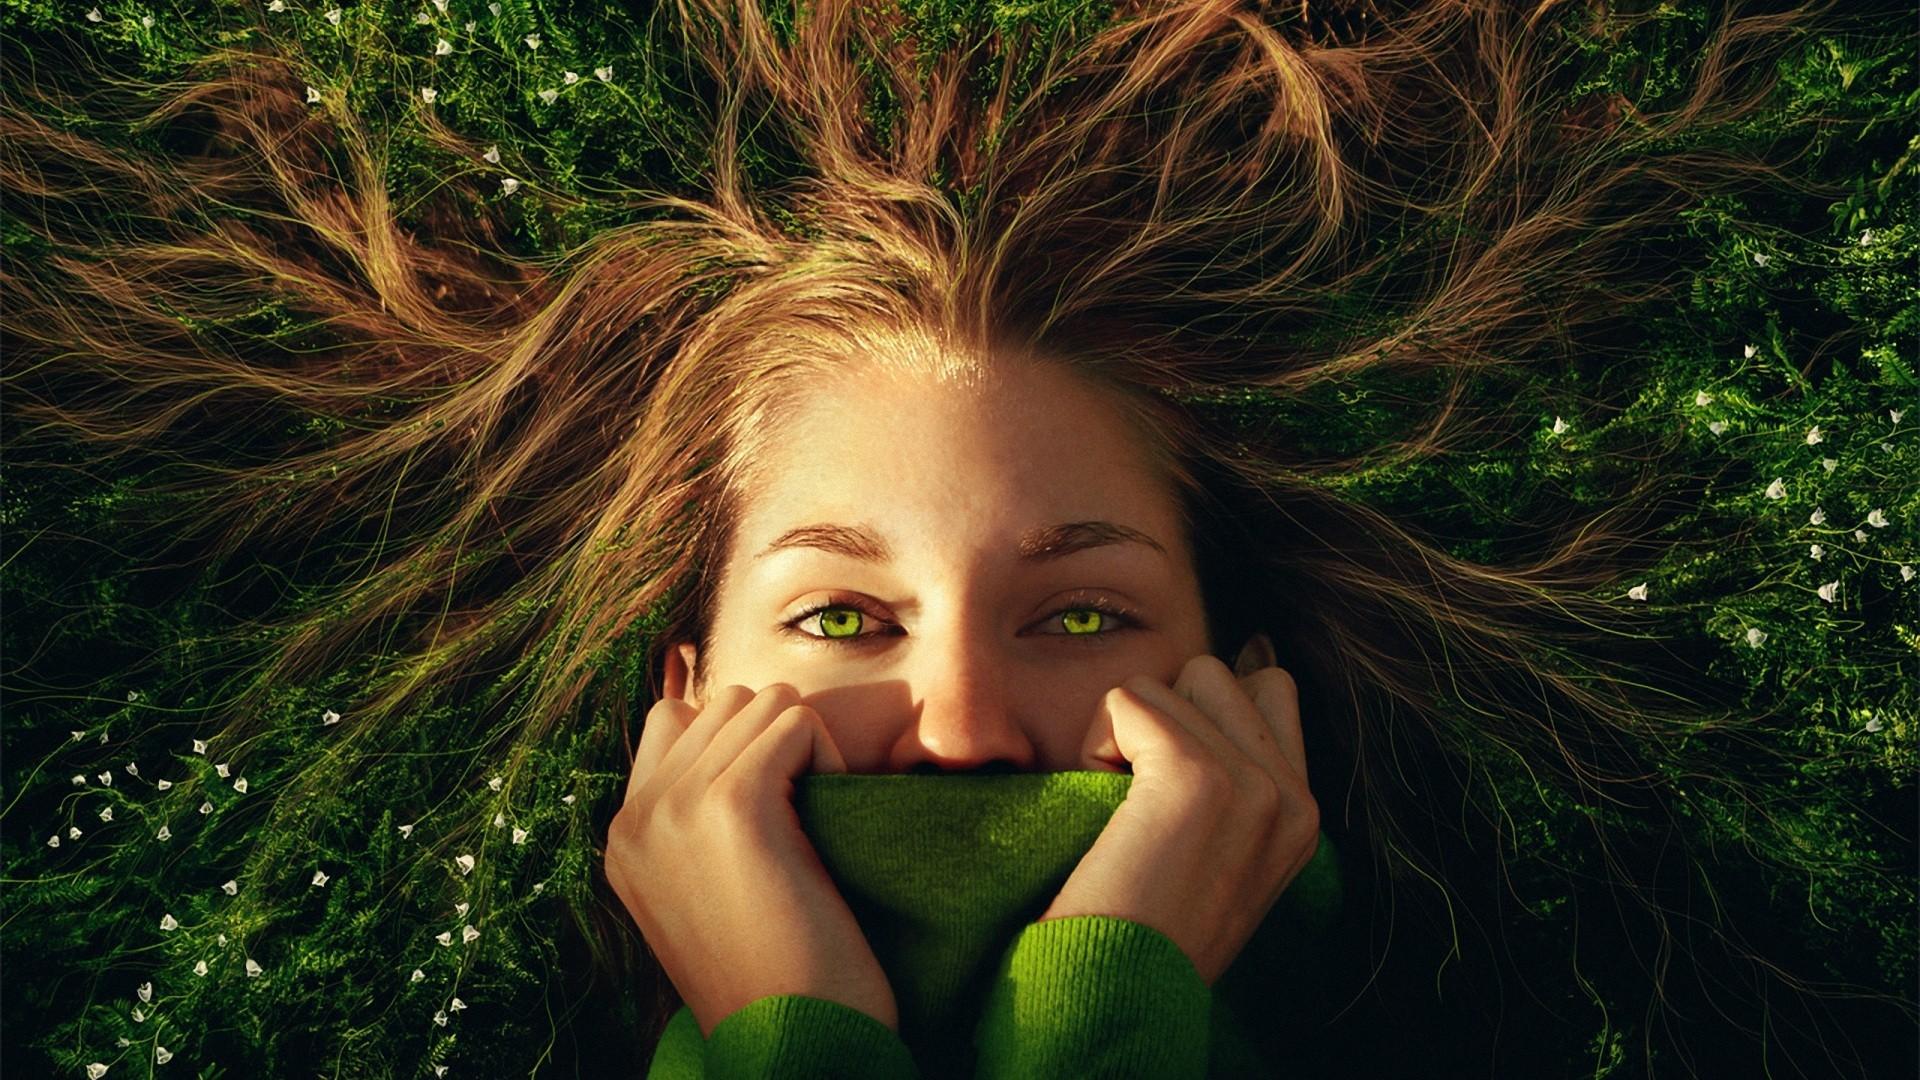 впечатление, зеленые глаза ведунов фото дебил, можете